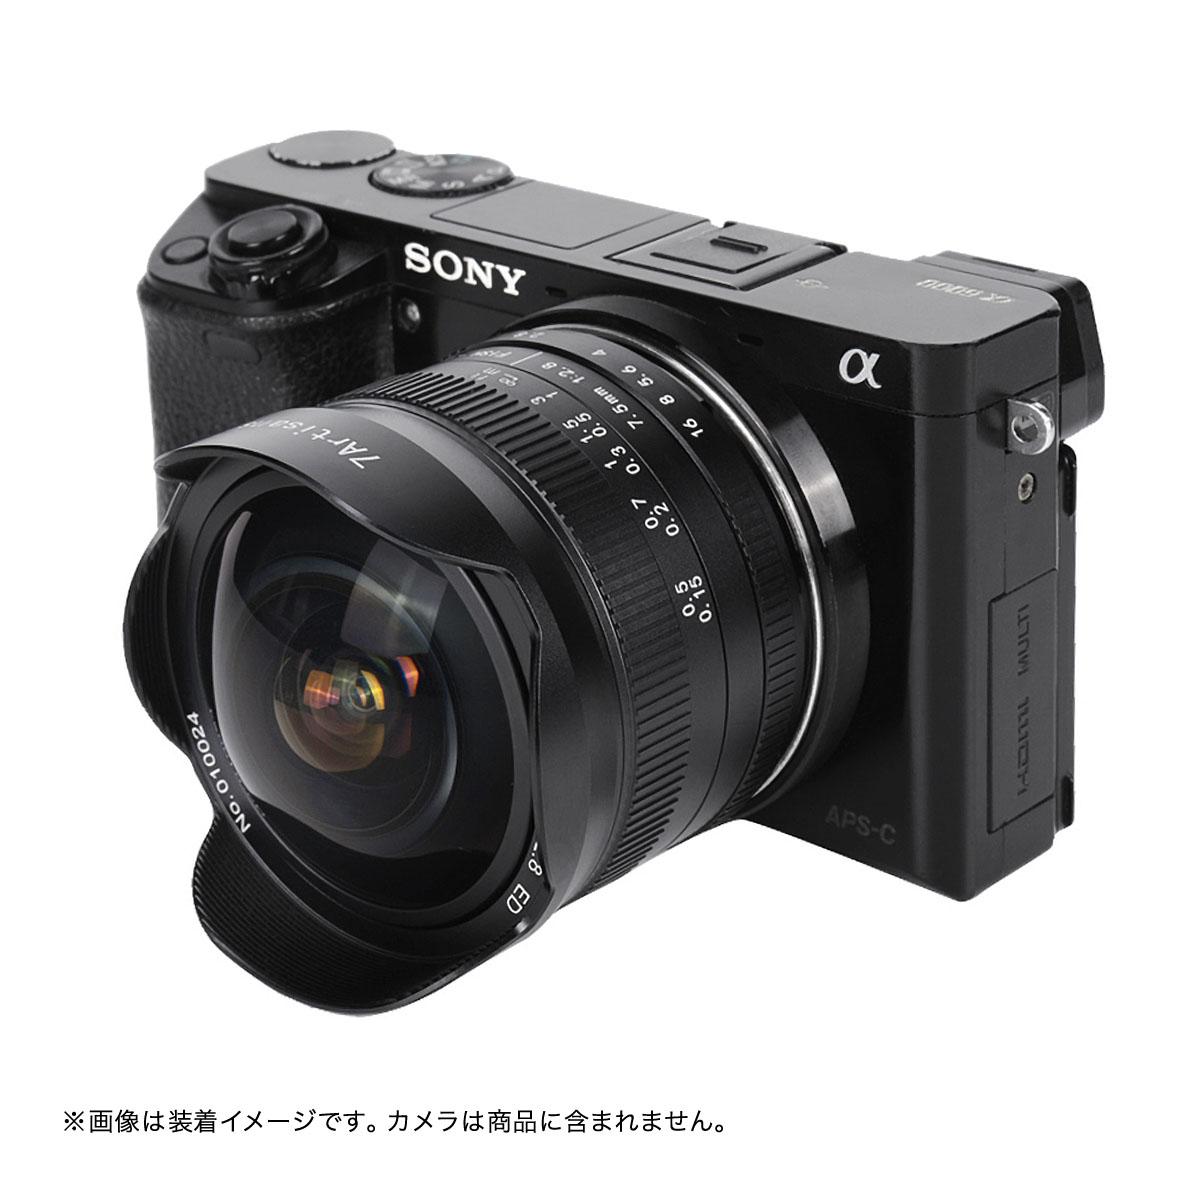 七工匠 7Artisans 7.5mm F2.8  FISH-EYE II ED 単焦点(魚眼)レンズ